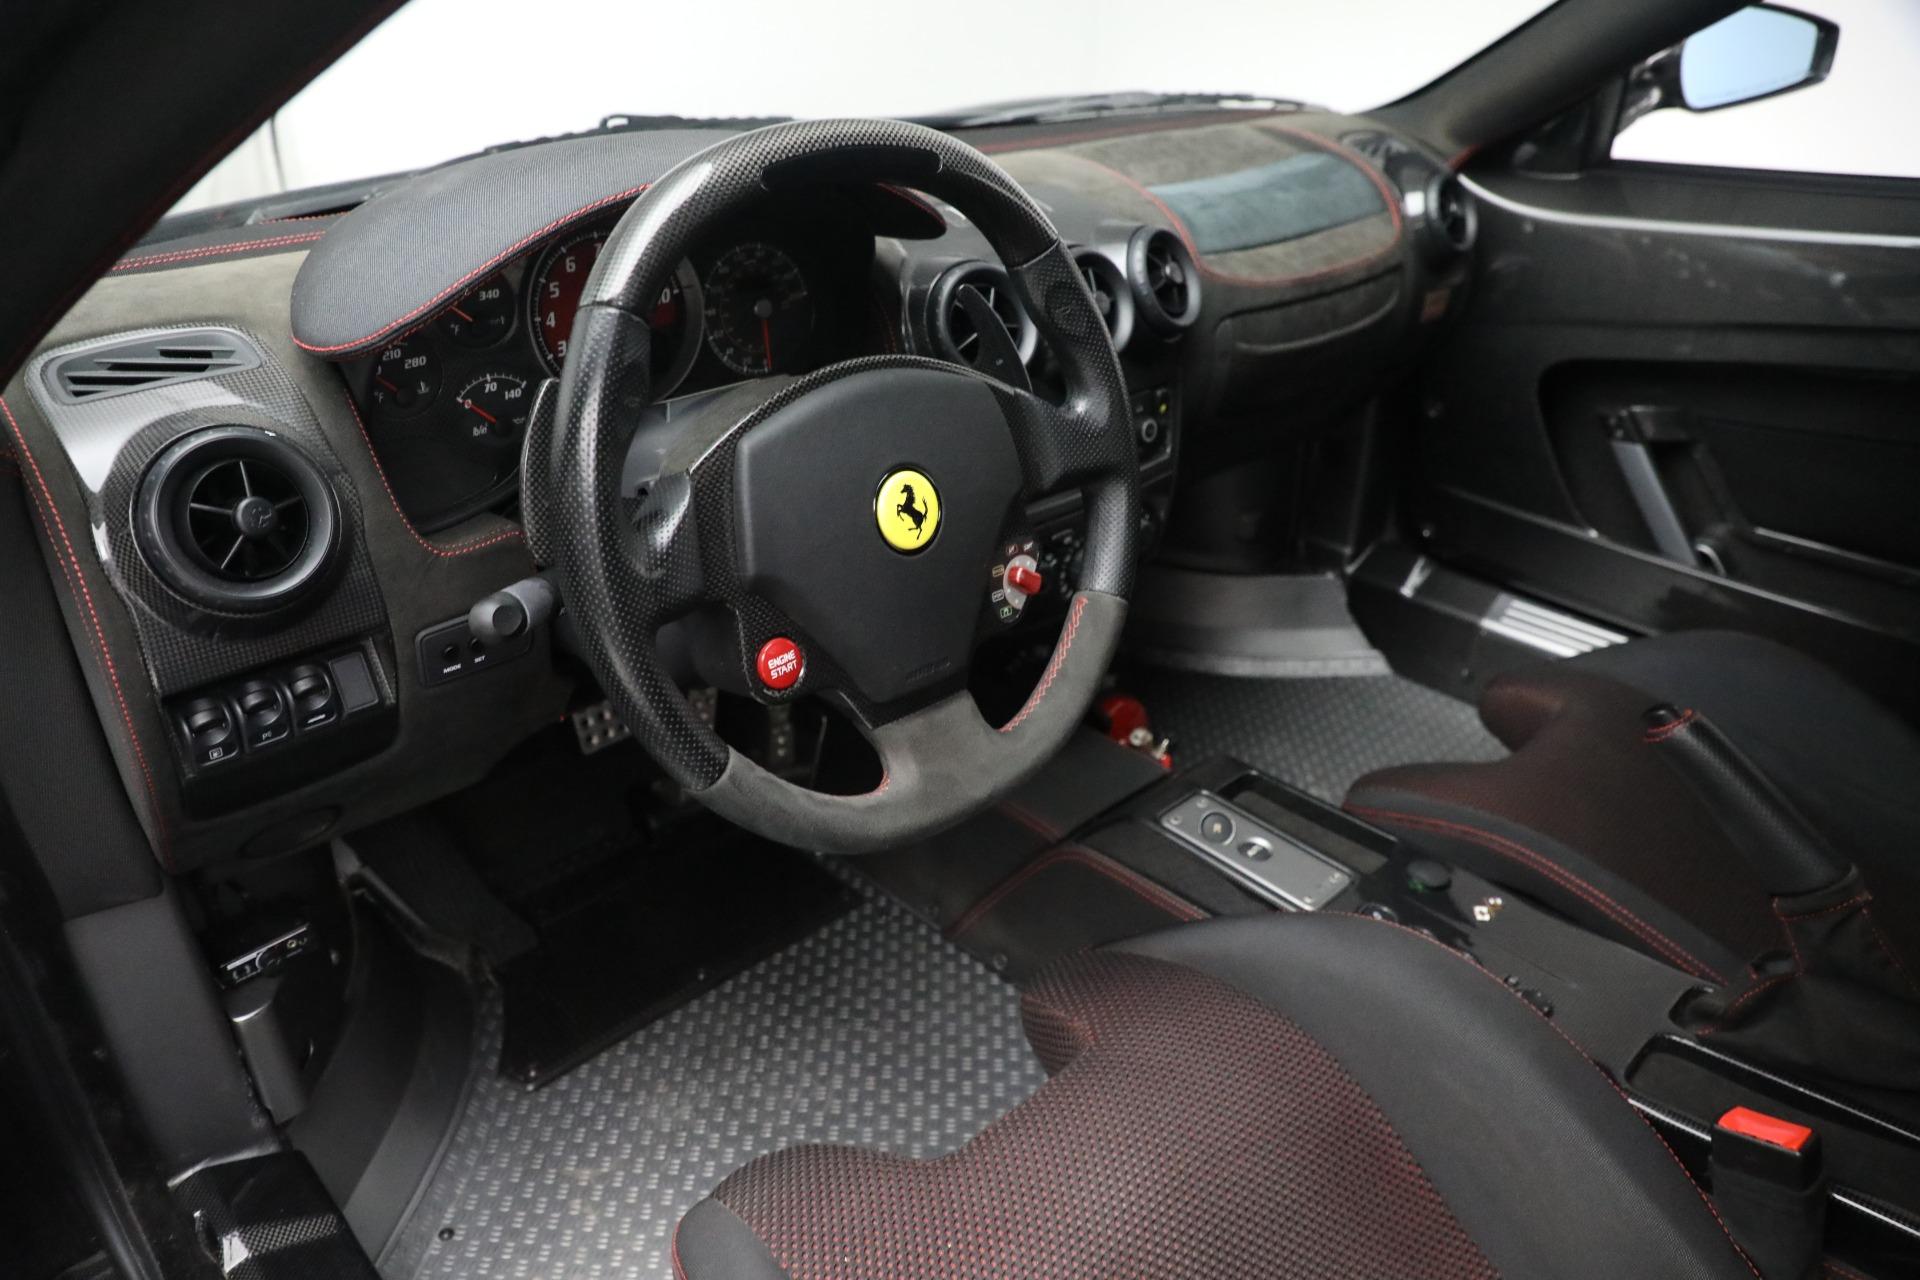 Used 2008 Ferrari F430 Scuderia For Sale In Greenwich, CT 3500_p13